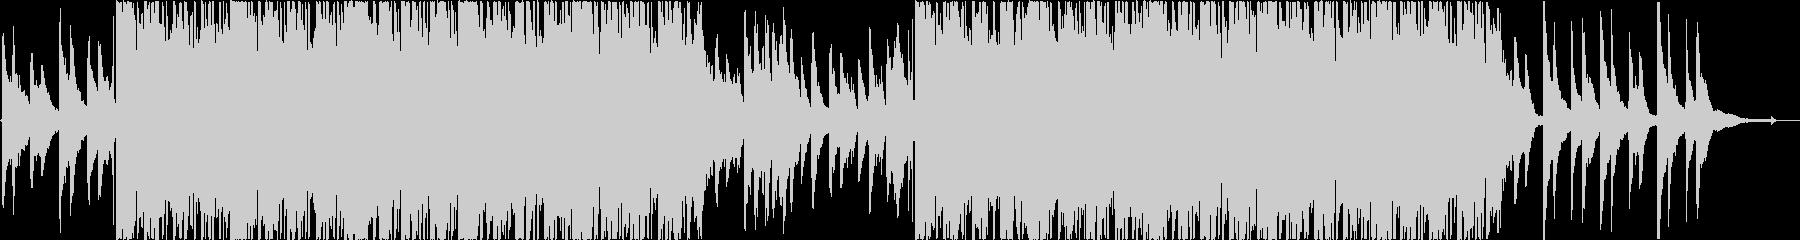 哀愁感のあるコーポレート向きBGMの未再生の波形